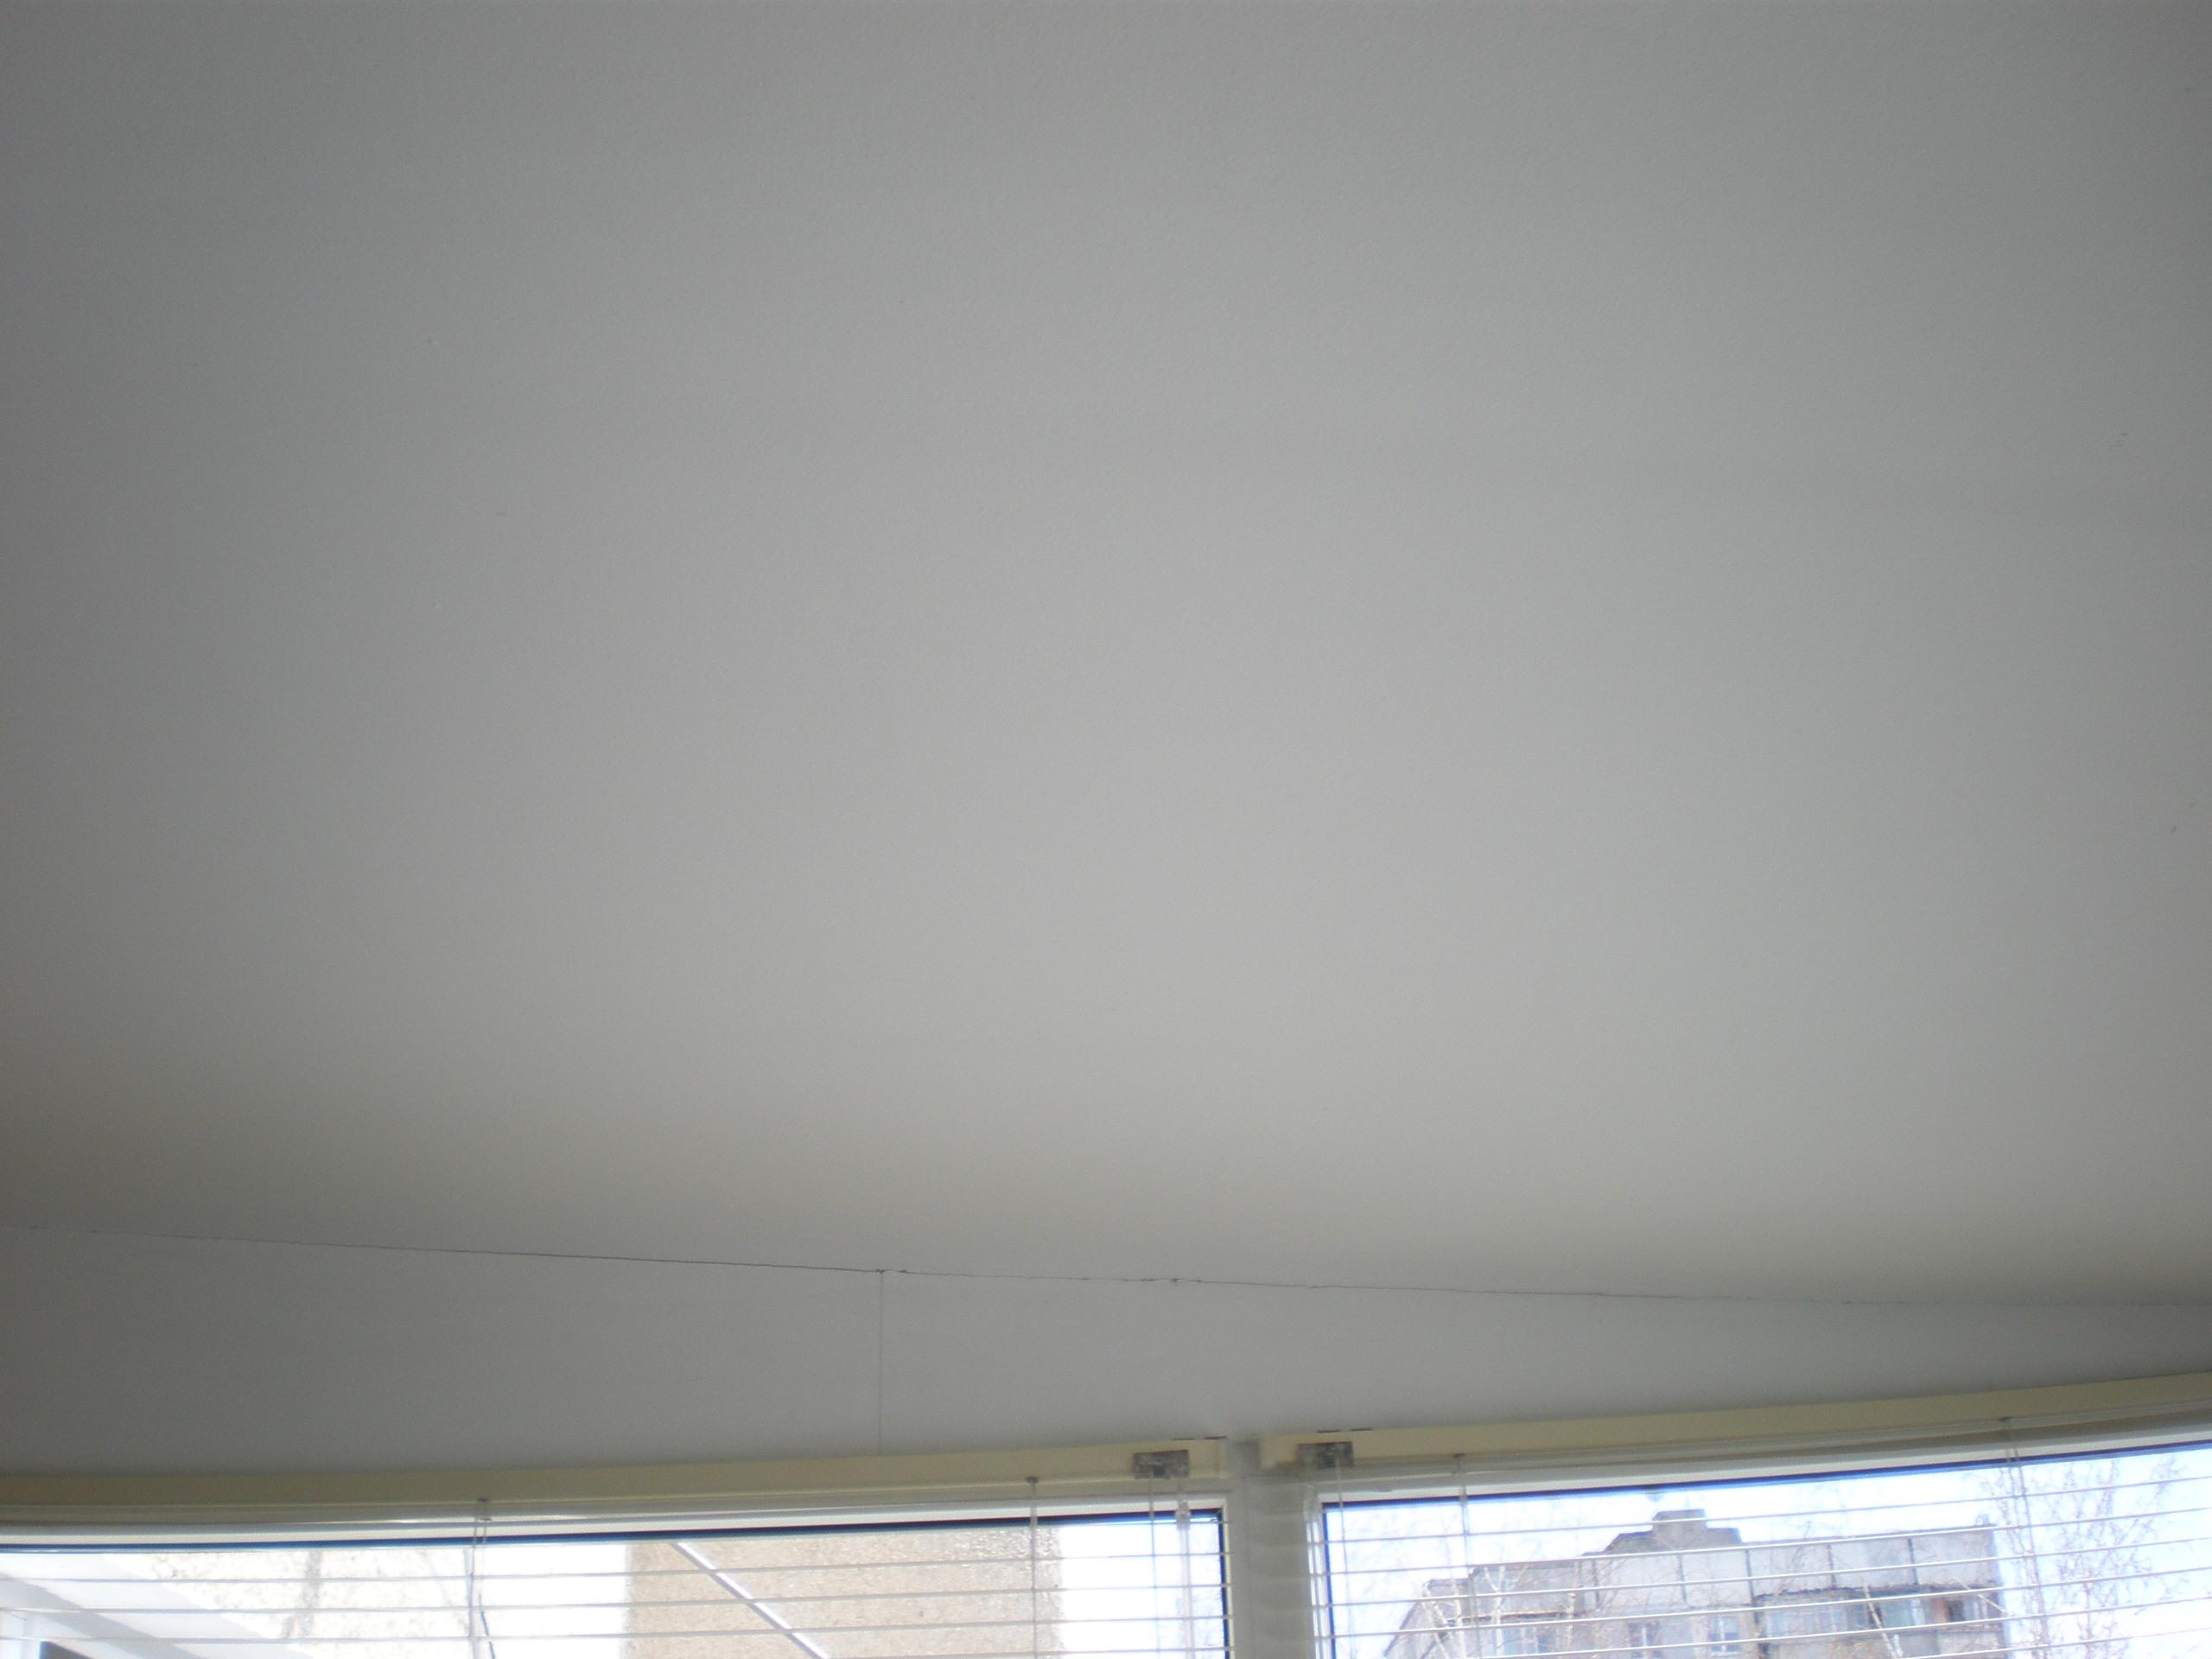 Lumiere pour faux plafond mulhouse cout travaux peinture for Faux plafond prix m2